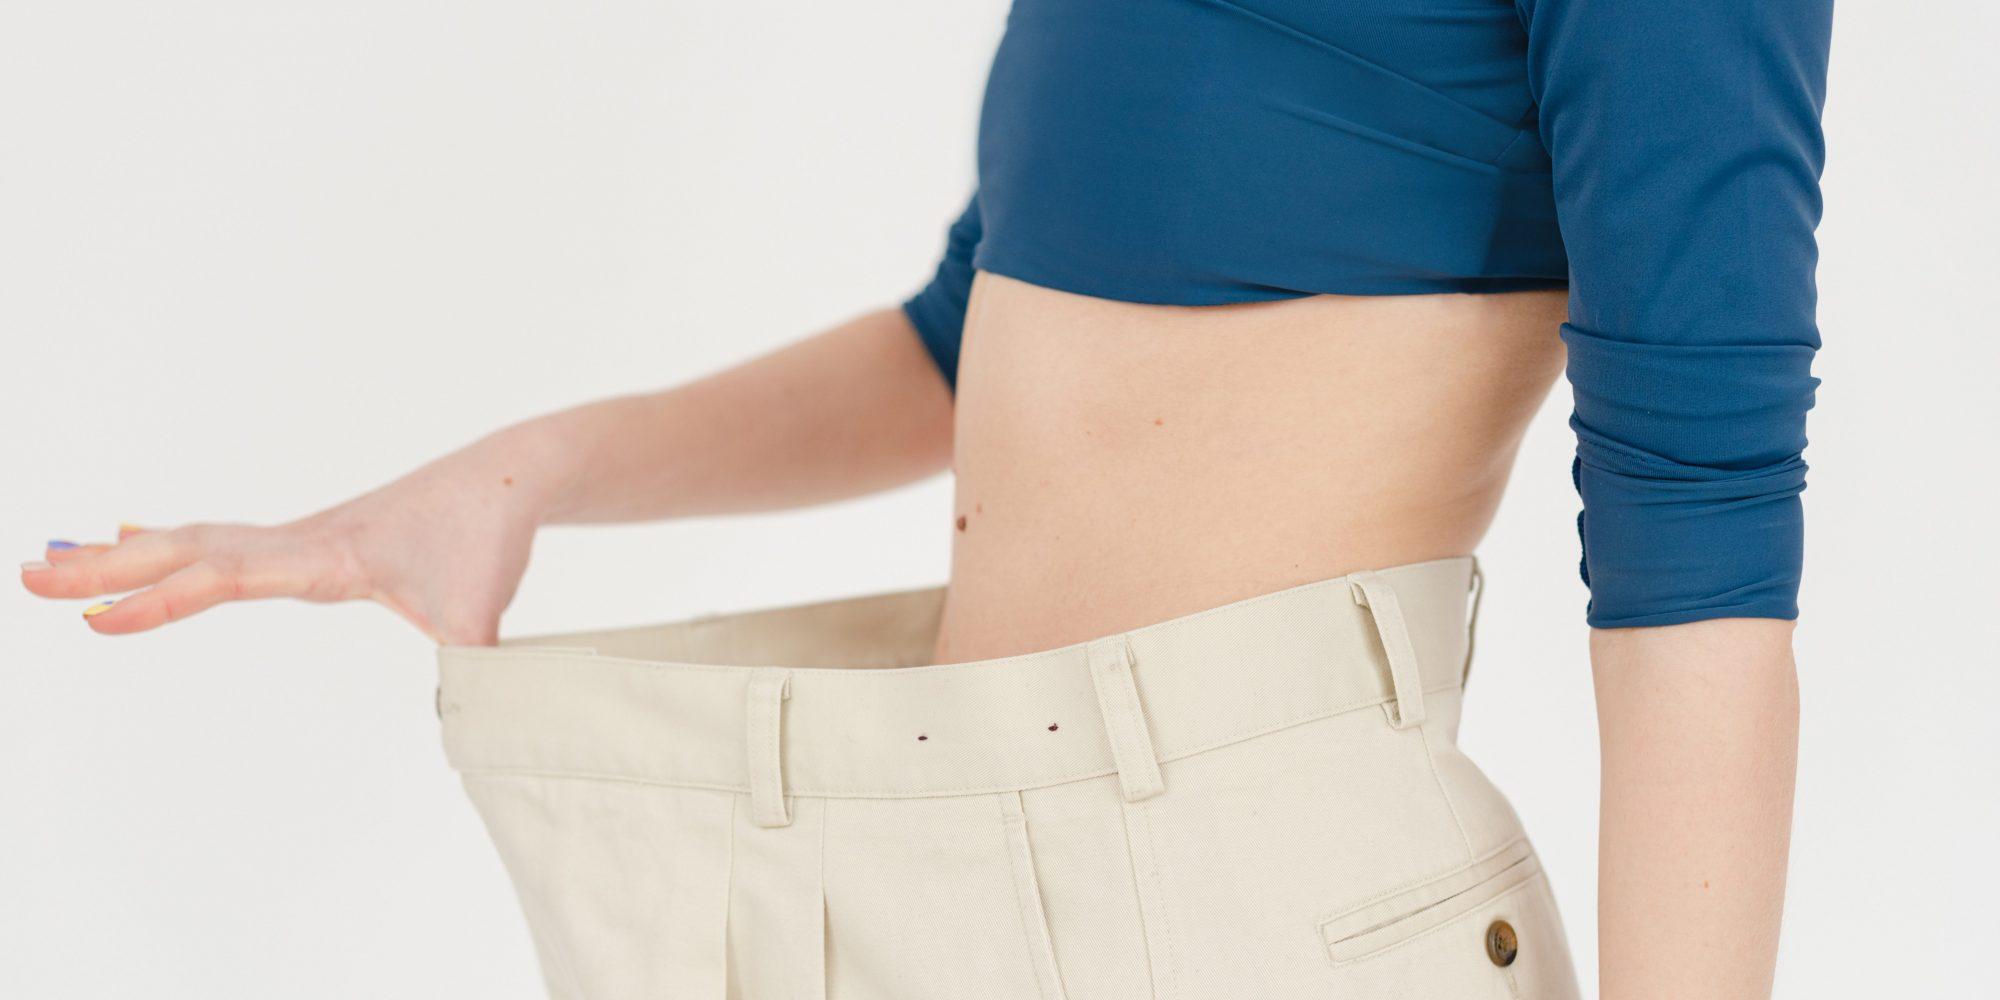 Γιατί το να τρως περισσότερο είναι το μυστικό για να χάσεις βάρος Οι διατροφολόγοι εξηγούν ότι όταν έχουμε να κάνουμε με θερμίδες less isn't always more.